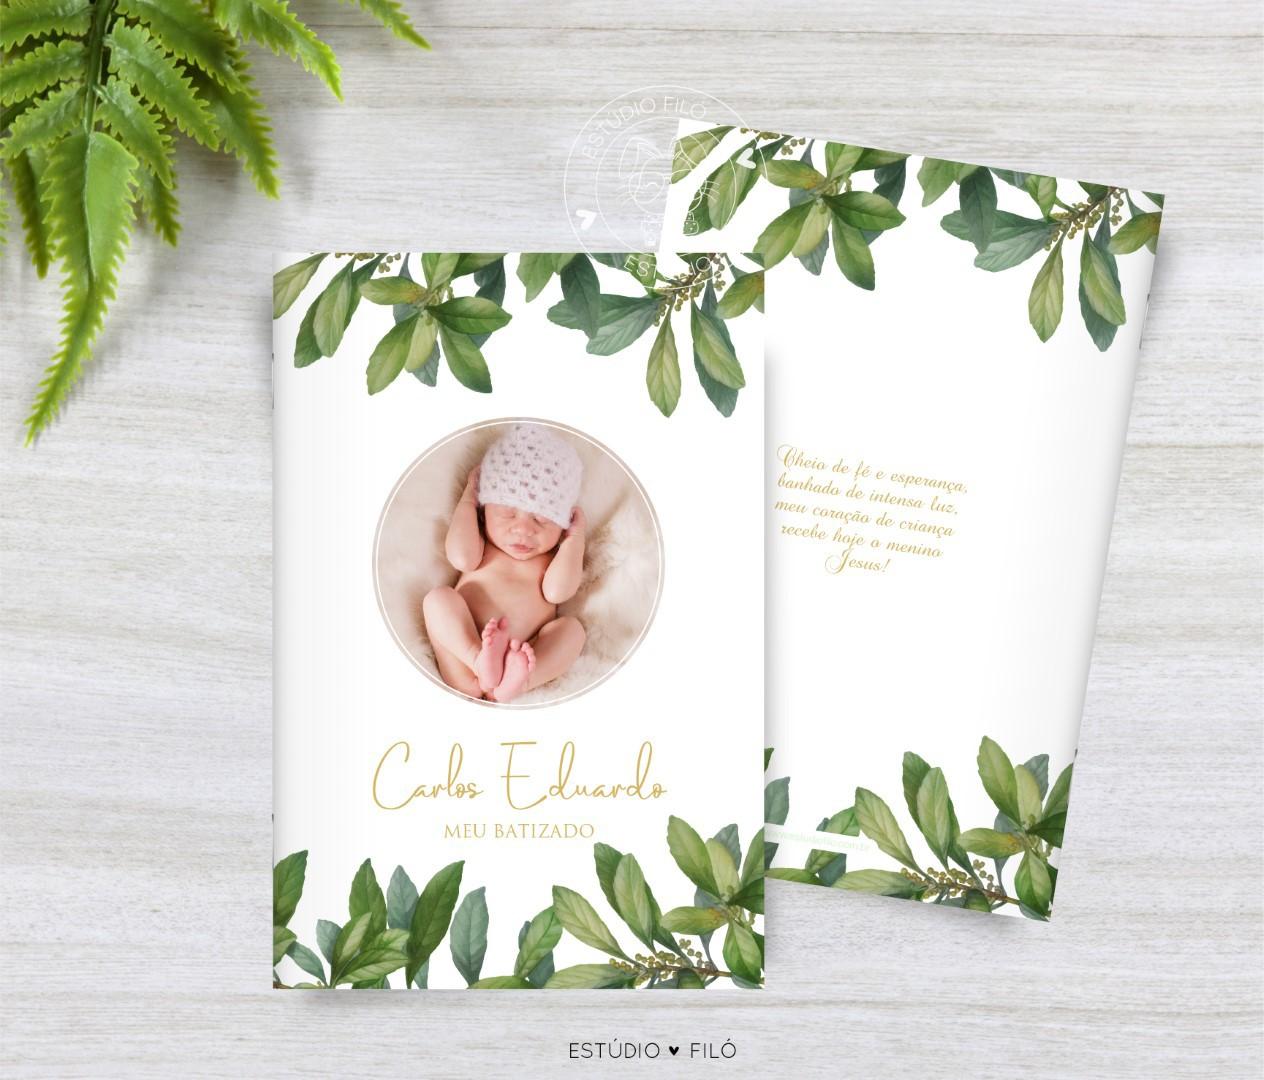 Livrinho de orações com foto lembrancinha para batizado